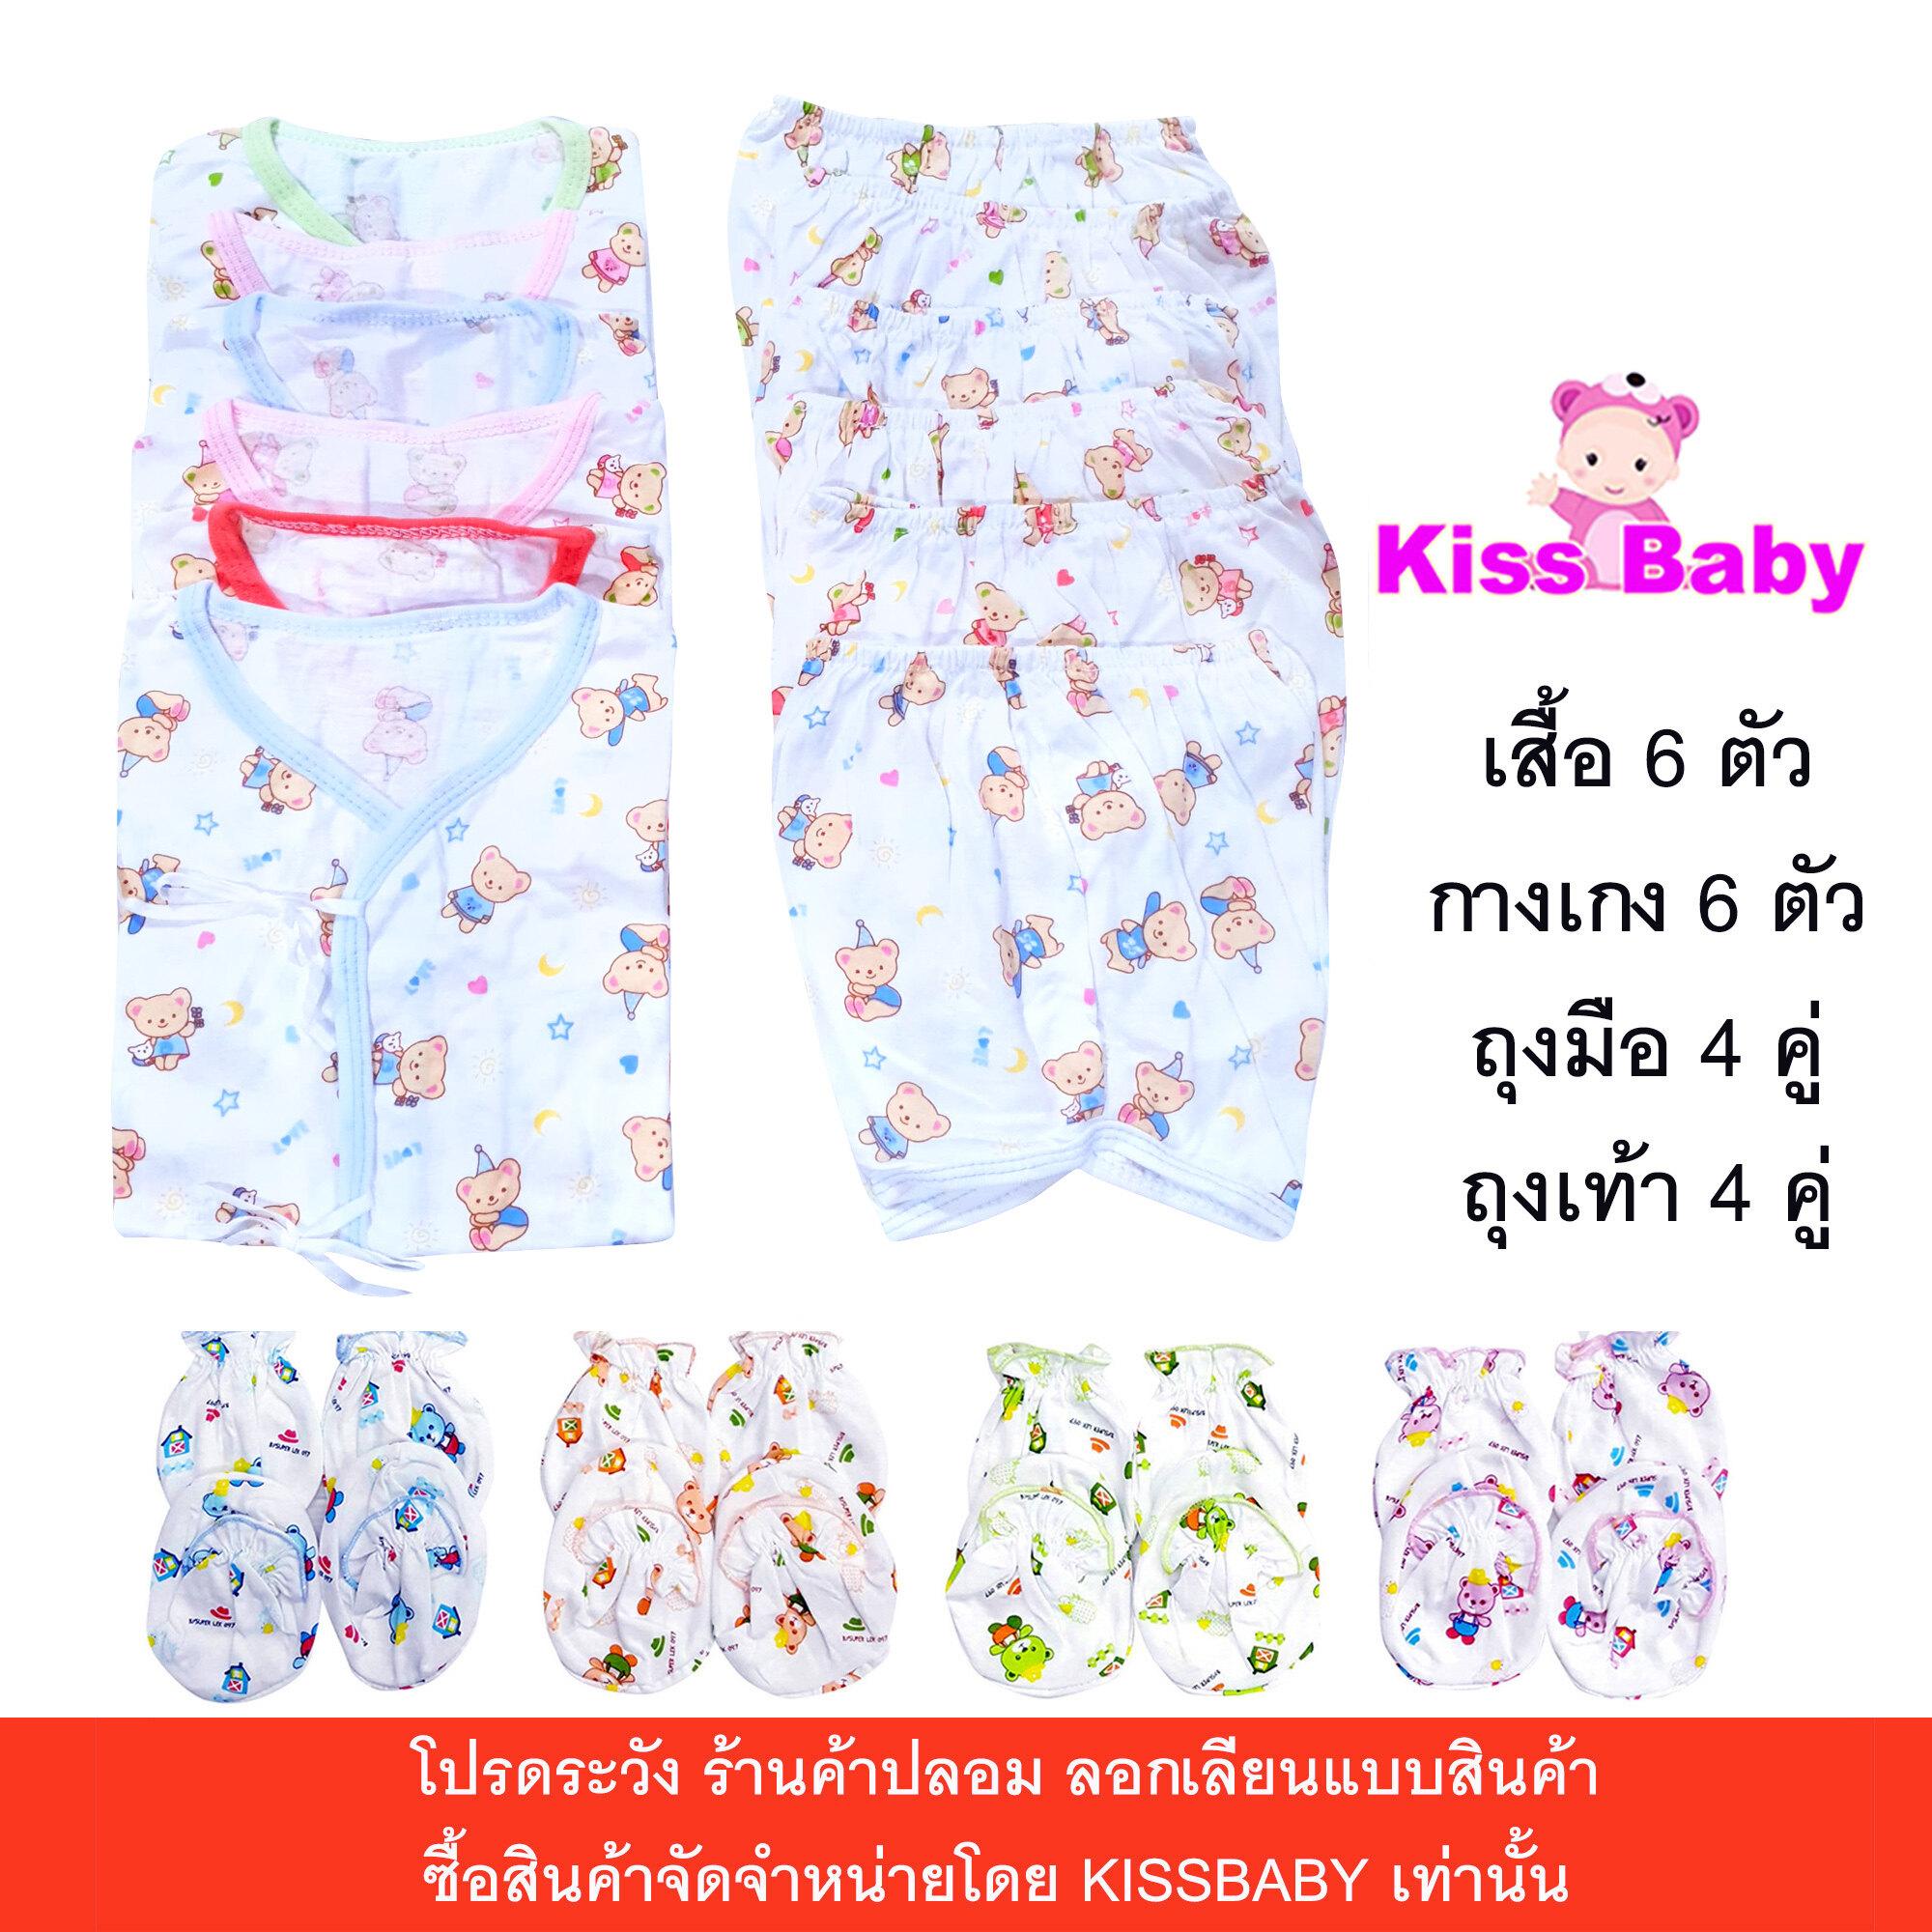 แนะนำ KISSBABY ชุดเซ็ต เสื้อผ้าเด็กแรกเกิด ถุงมือ ถุงเท้า สำหรับเด็กแรกเกิด - 6 เดือน (ใหม่ลายหมี)